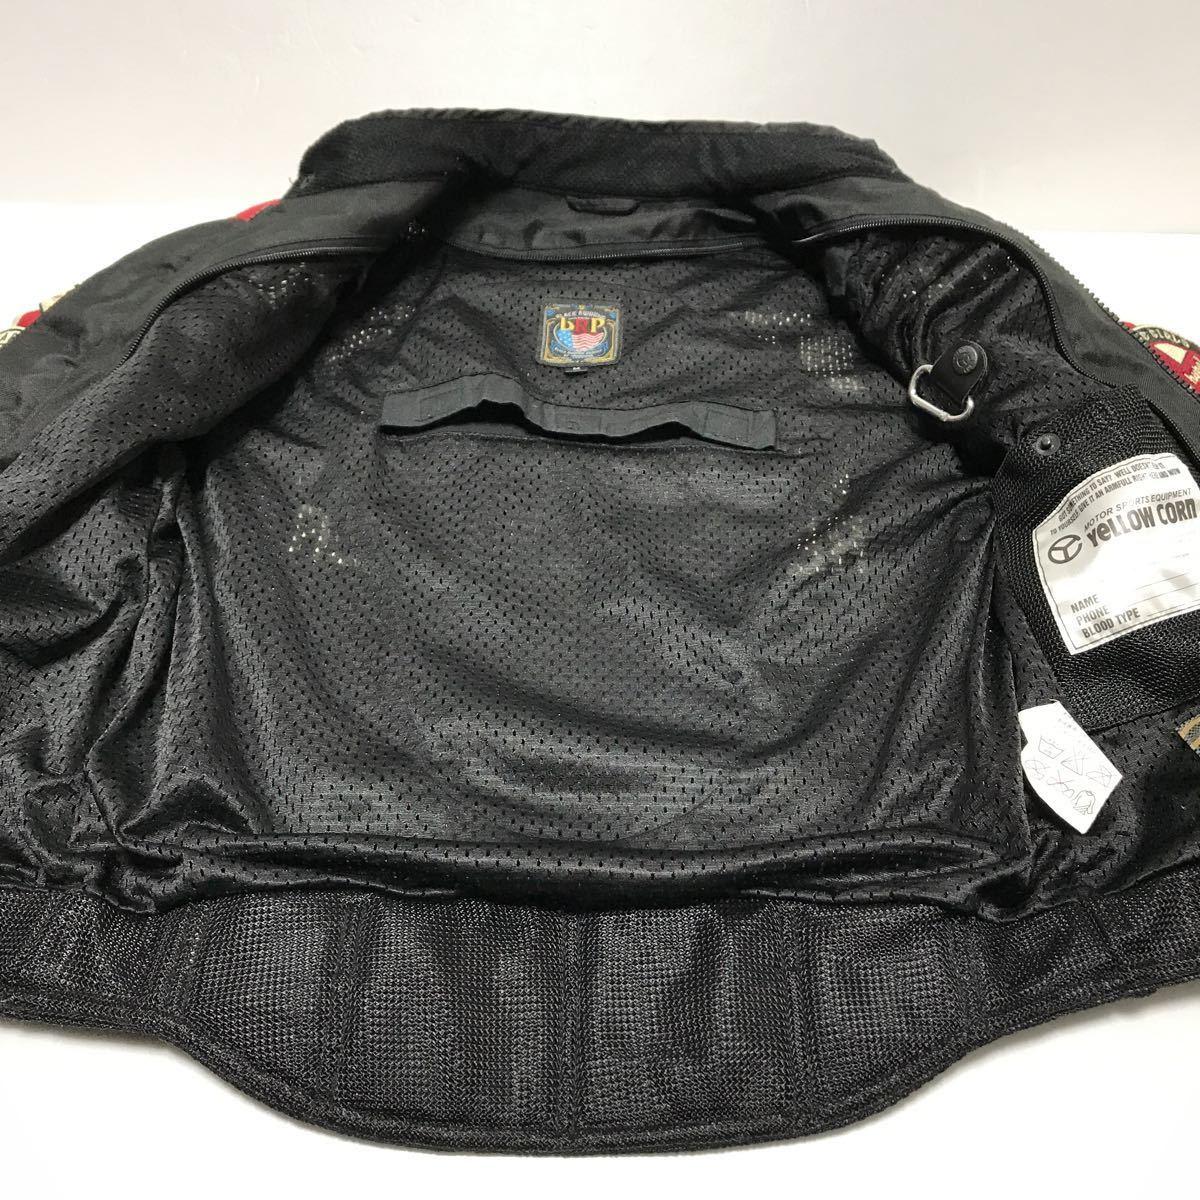 イエローコーン 中綿入り 春夏 メンズM ジャケット YeLLOW CORN バイクウェア バイクジャケット 中古_画像4